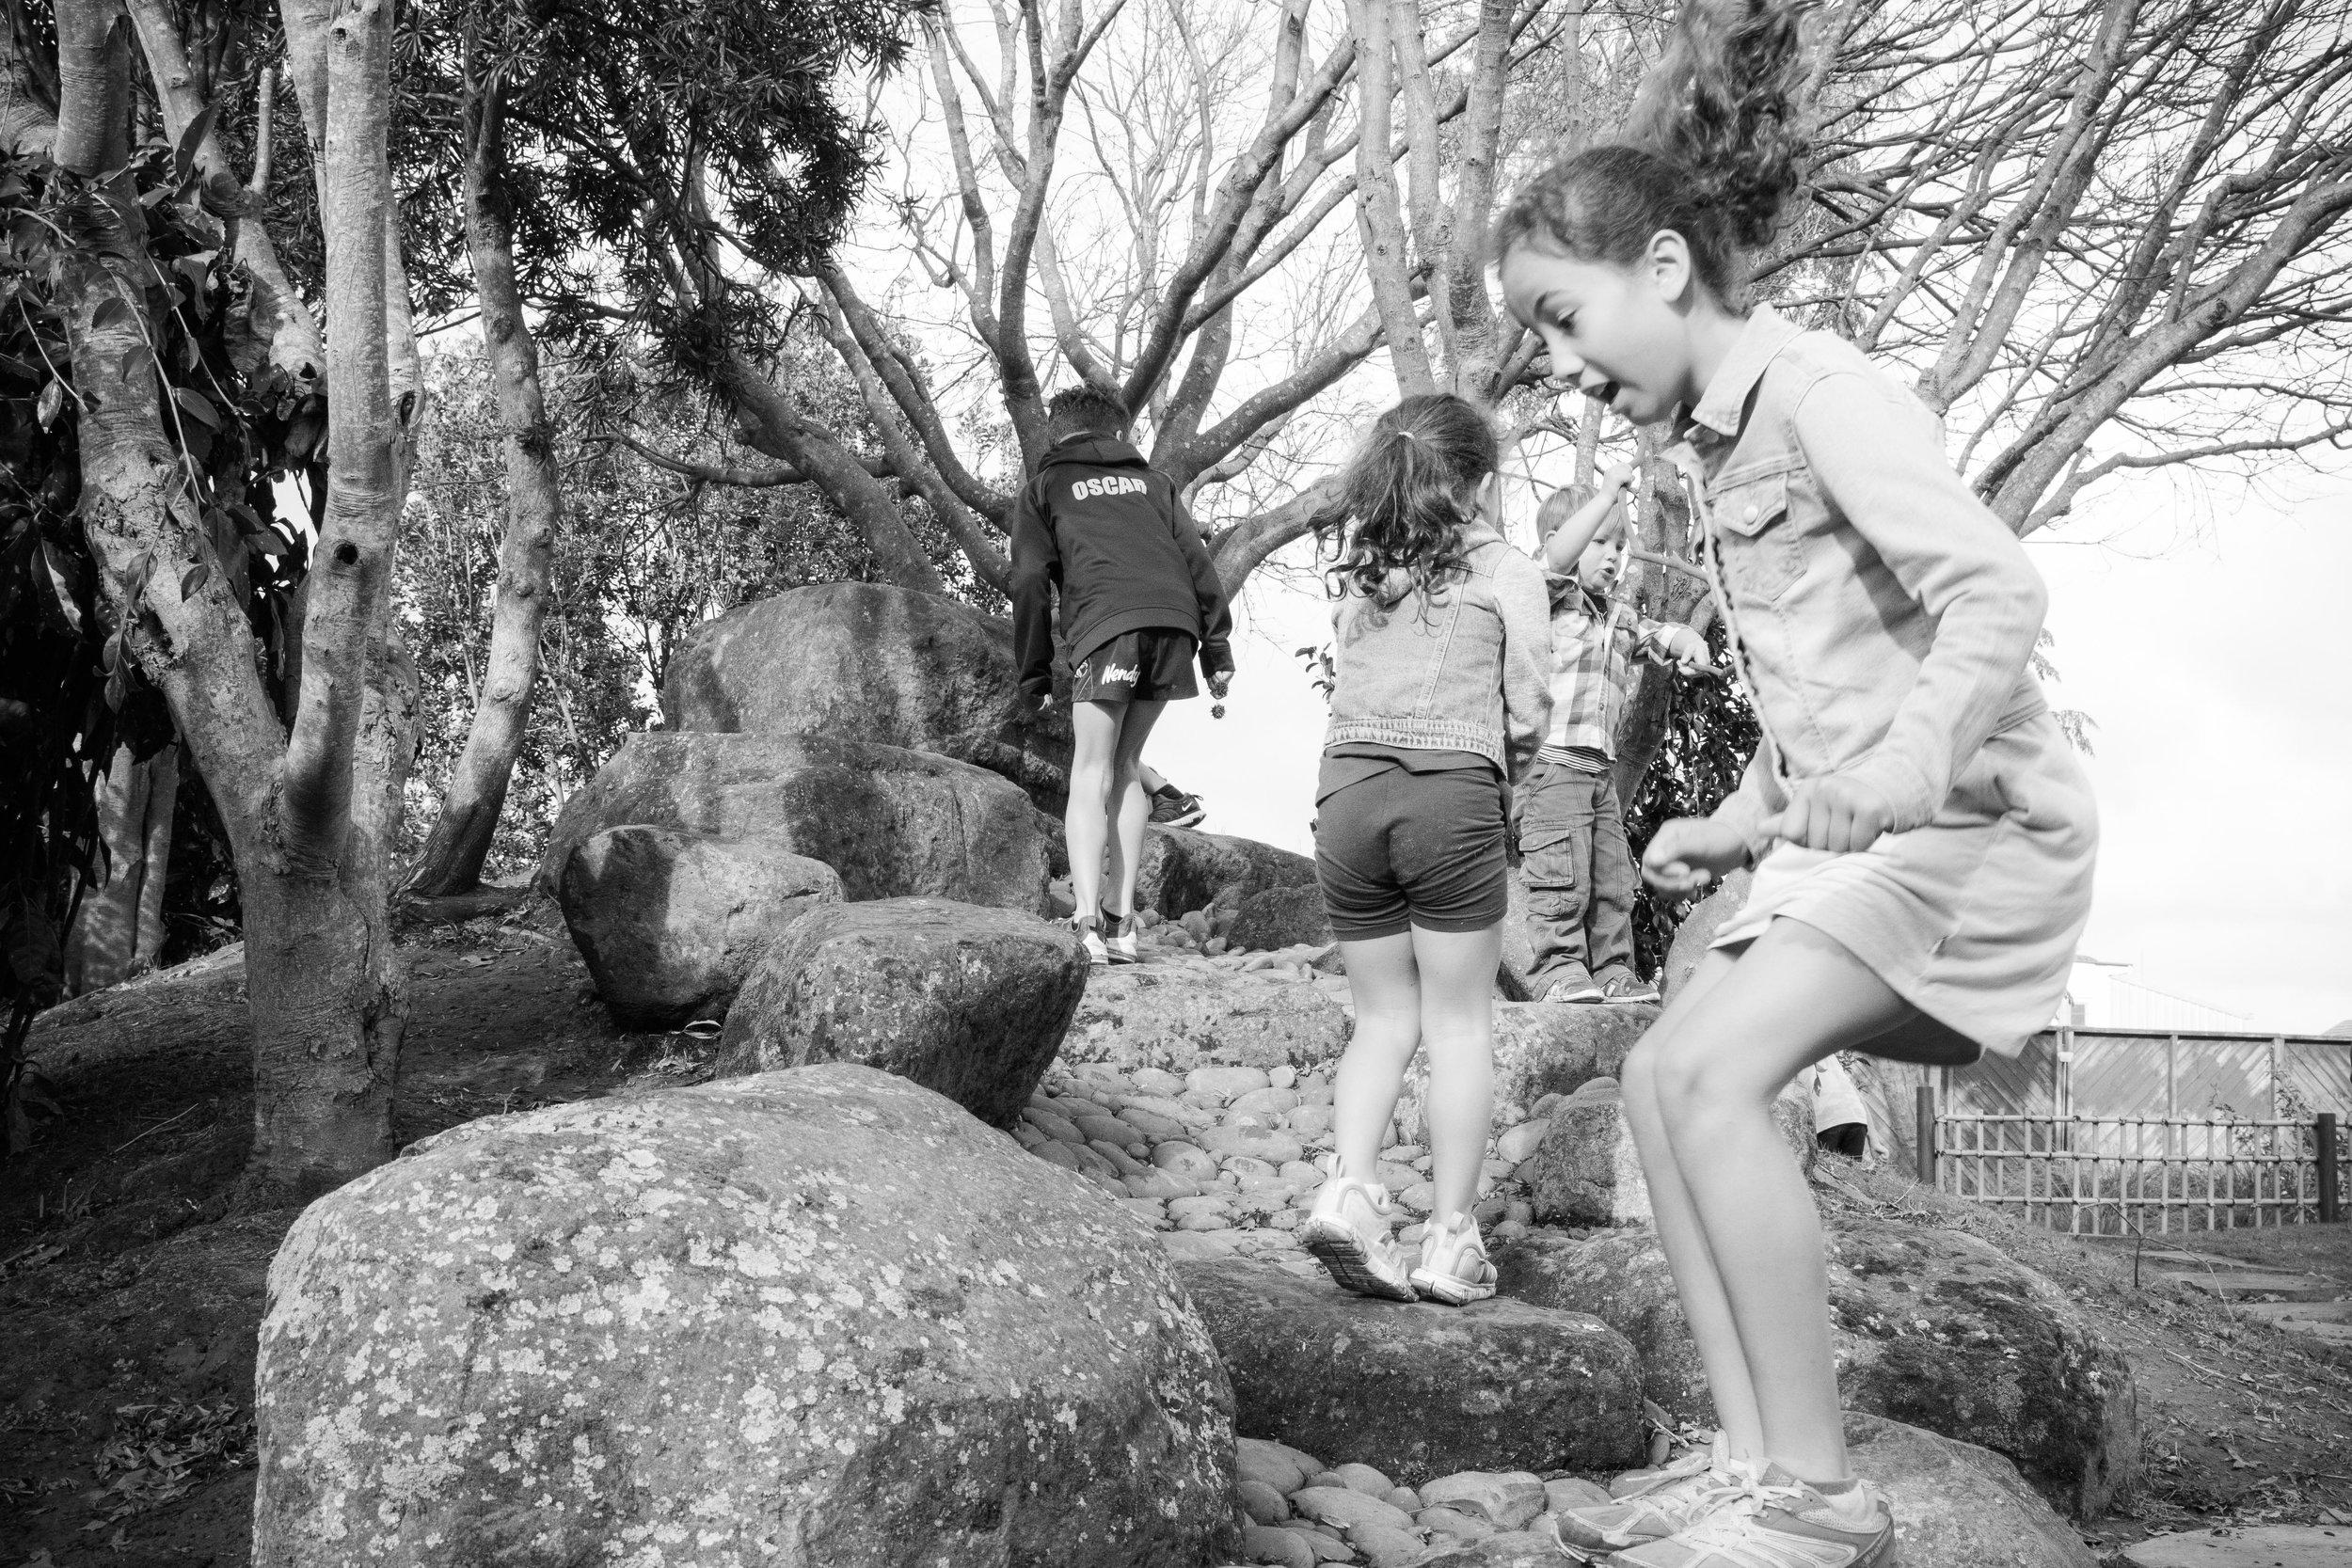 TePunaTaiao-JapaneseGardens-HighRes-9747.jpg